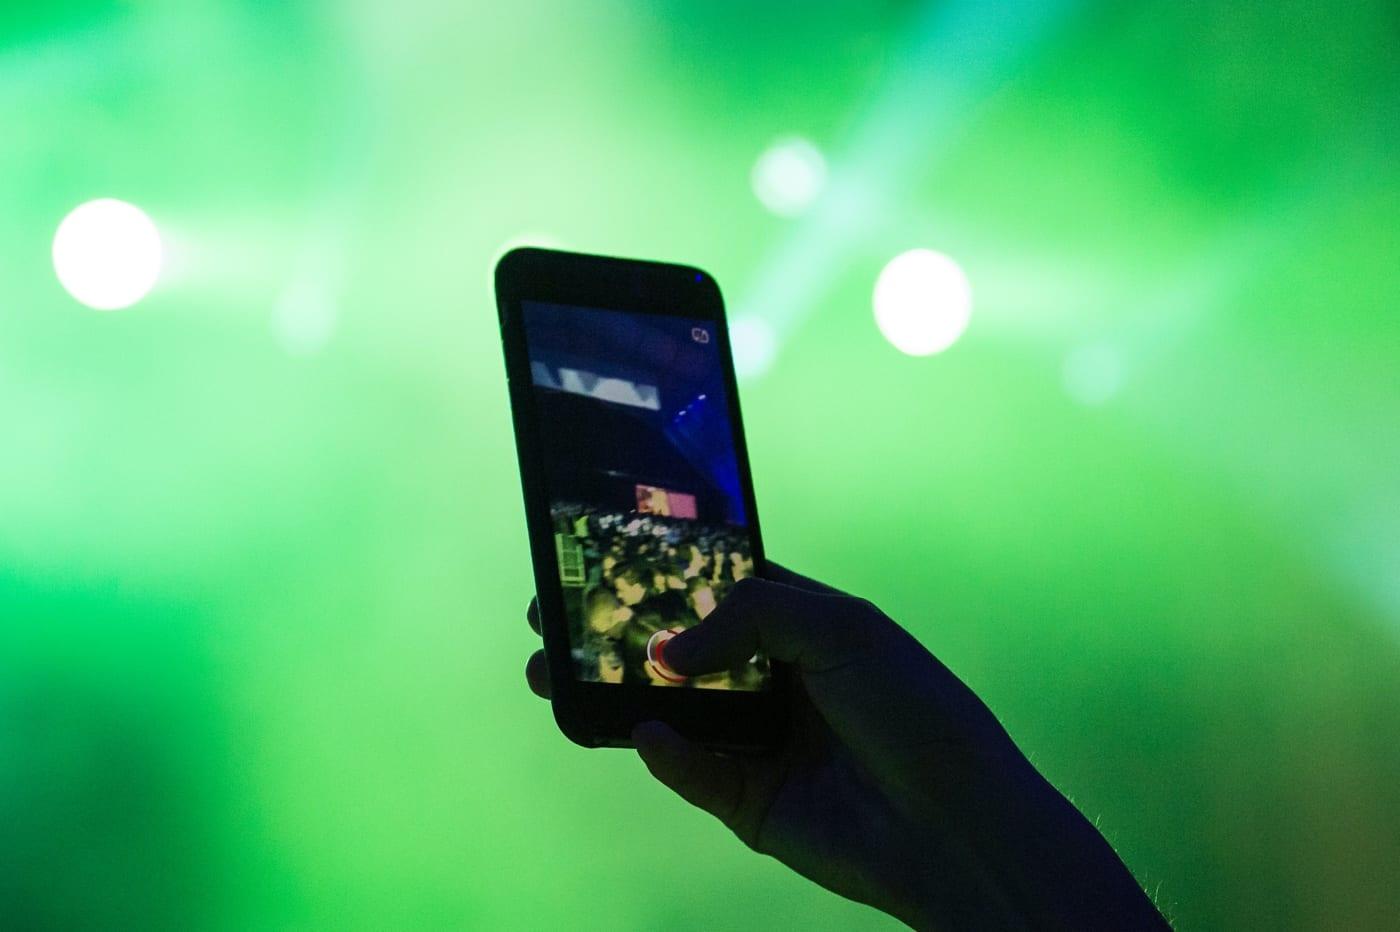 EN PLUS DES SMARTPHONES, PLUSIEURS ORDINATEURS, TABLETTES ET MONTRES CONNECTÉES SONT DÉSORMAIS CONCERNÉES PAR L'INDICE DAS